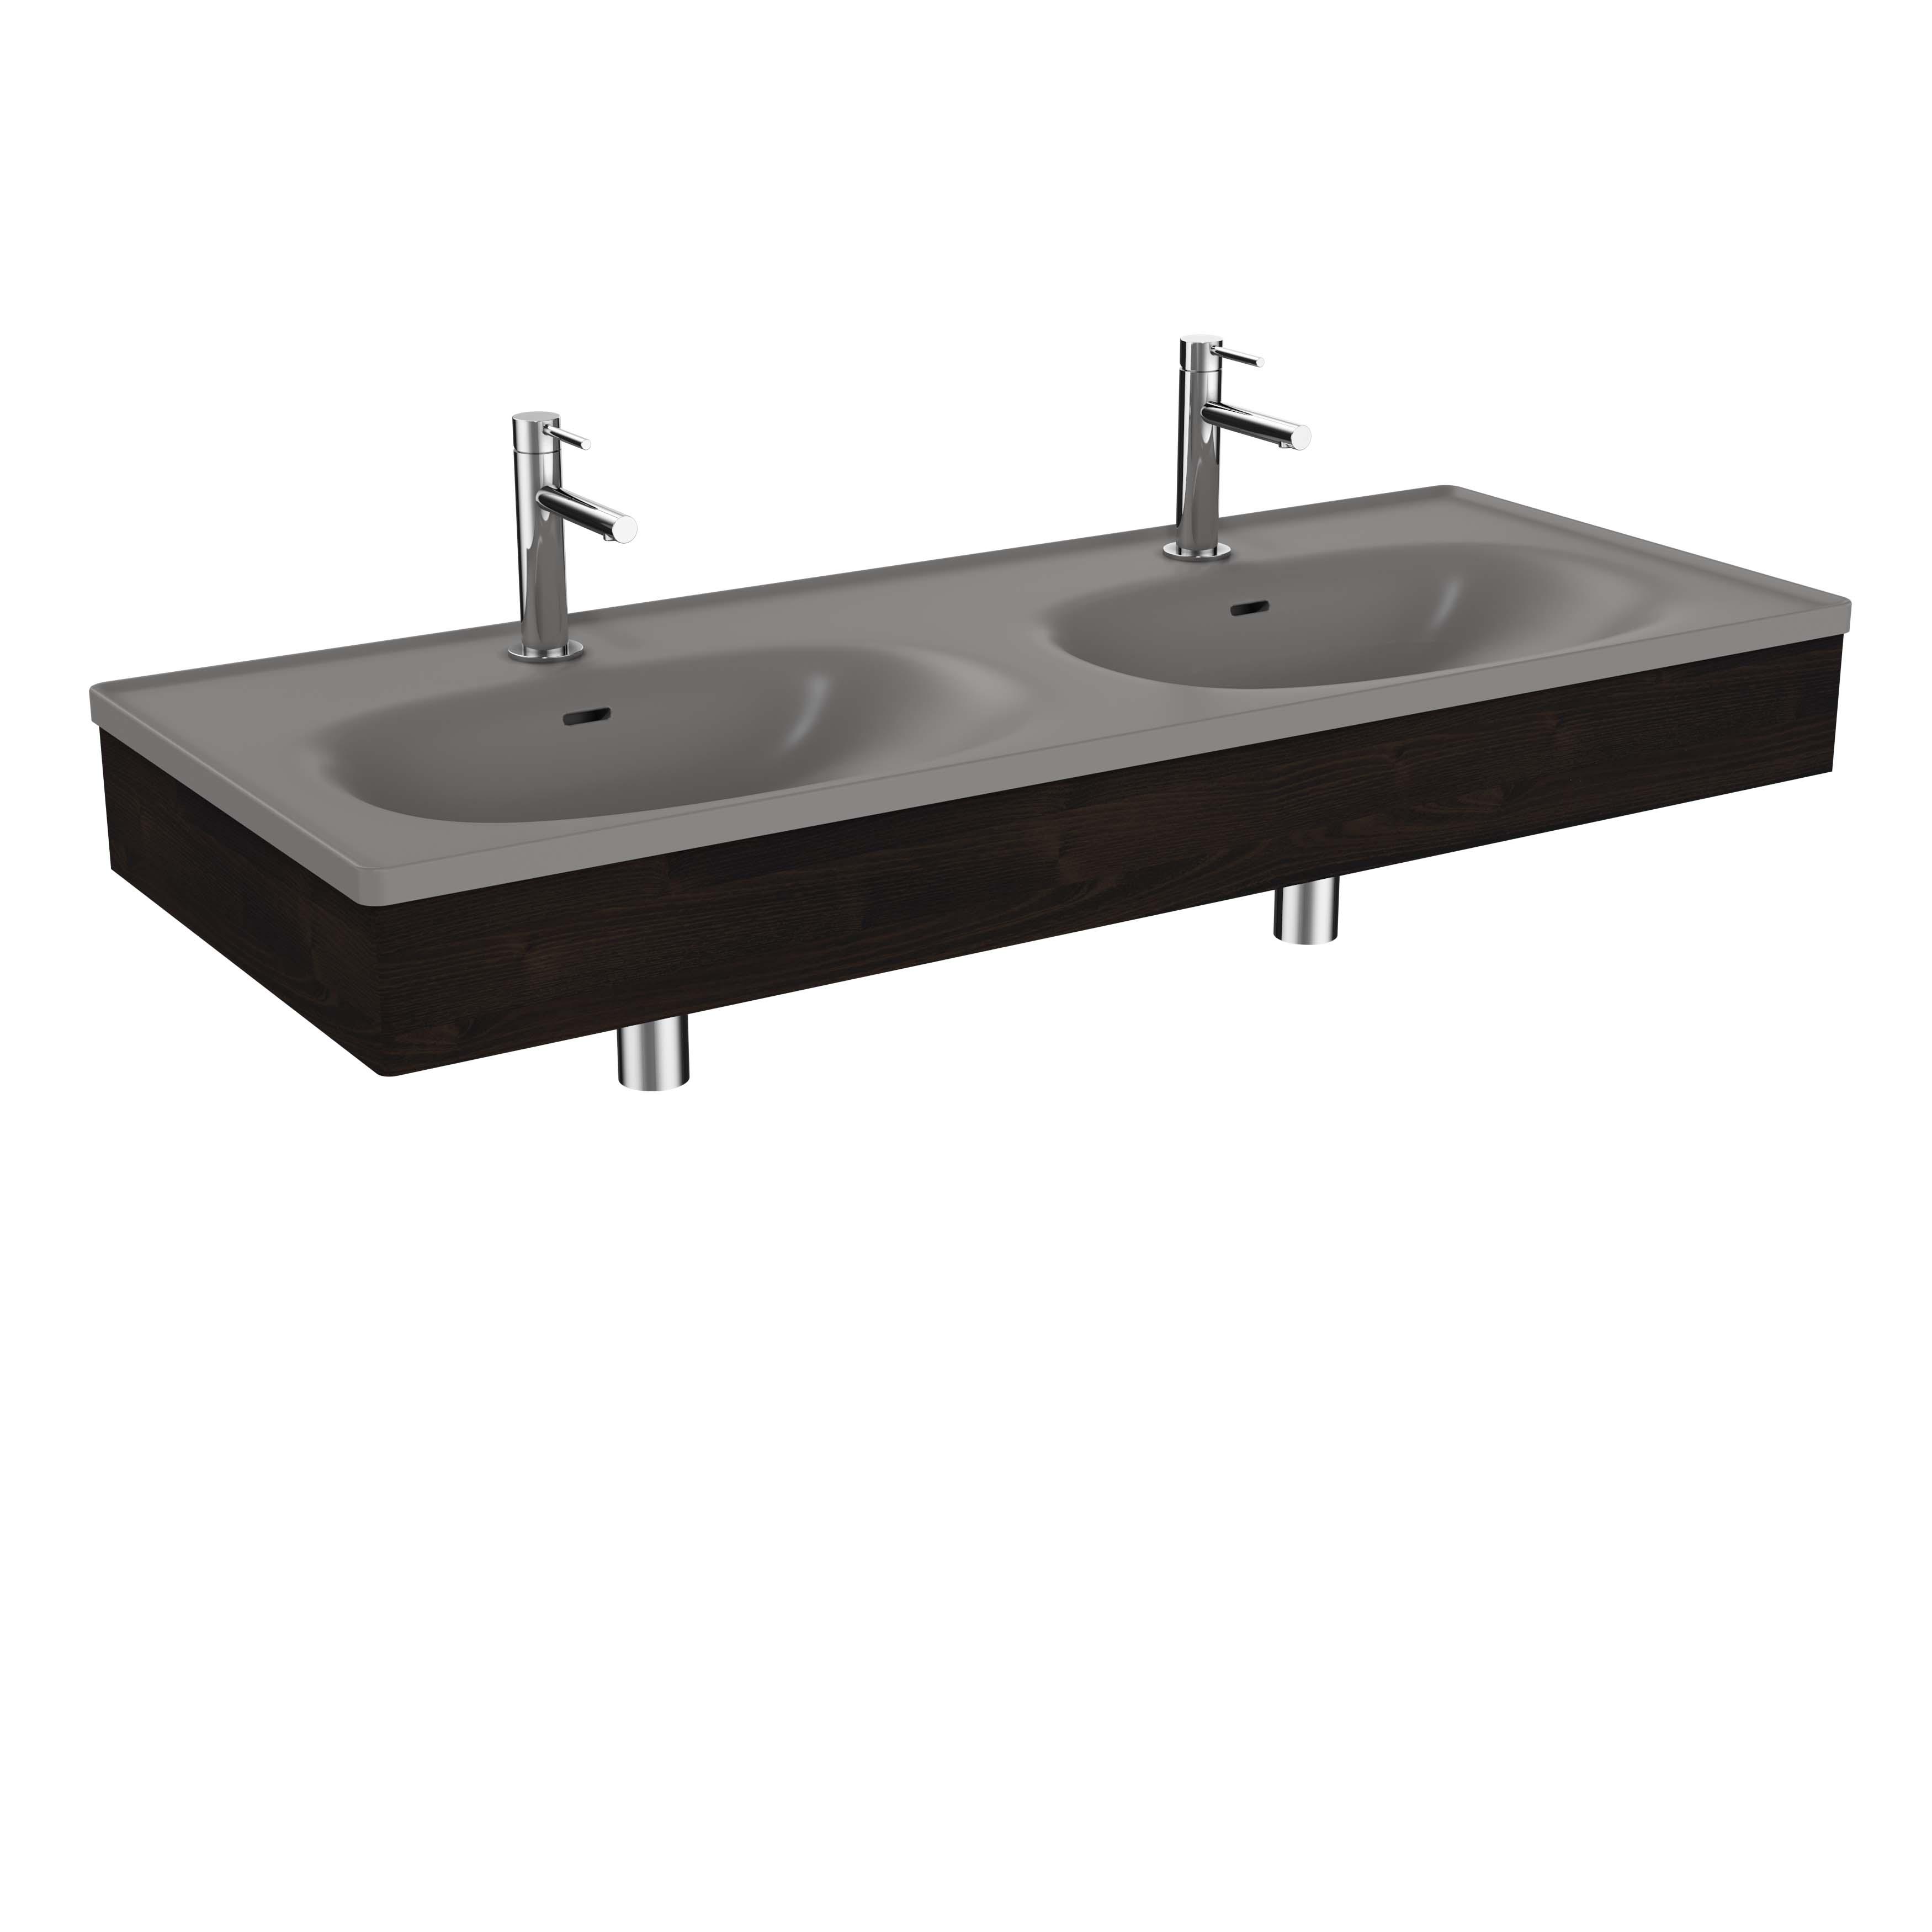 Equal plan céramique, lavabo double, panneau en bois, 130 cm, gris pierre mat / orme